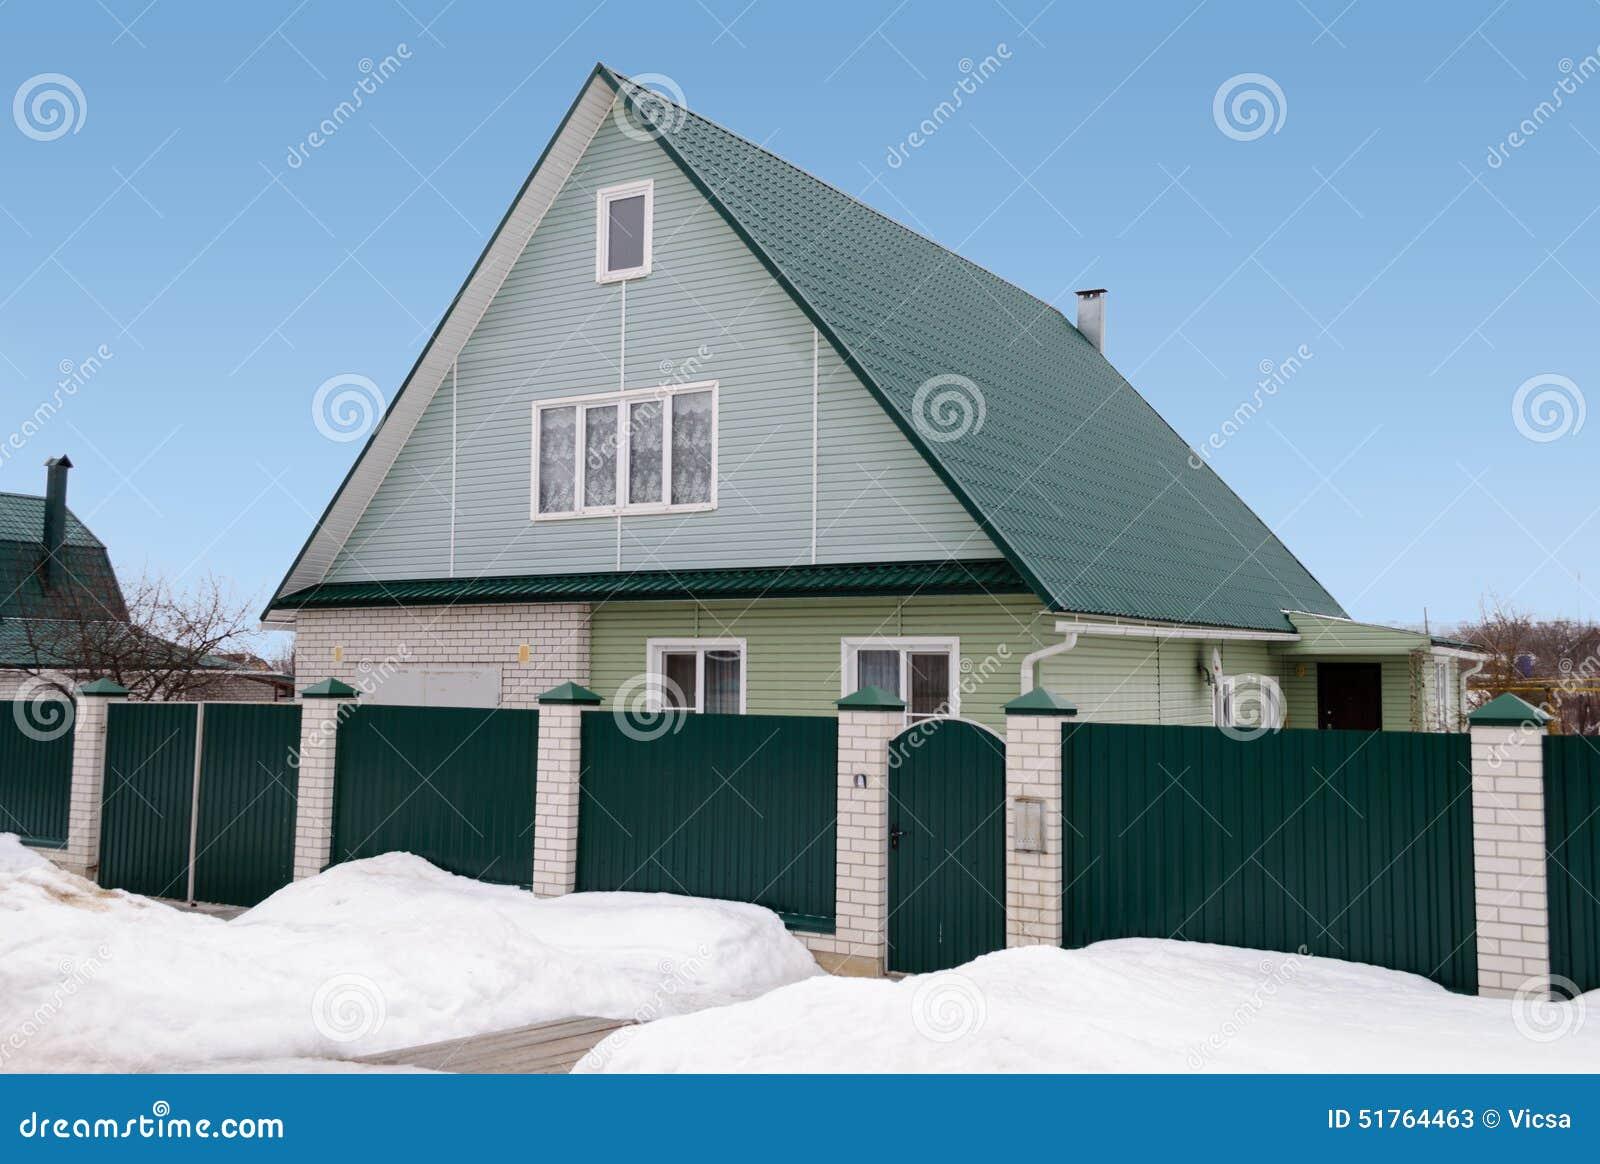 Nuova casa di campagna con la mansarda ed il tetto verde ...